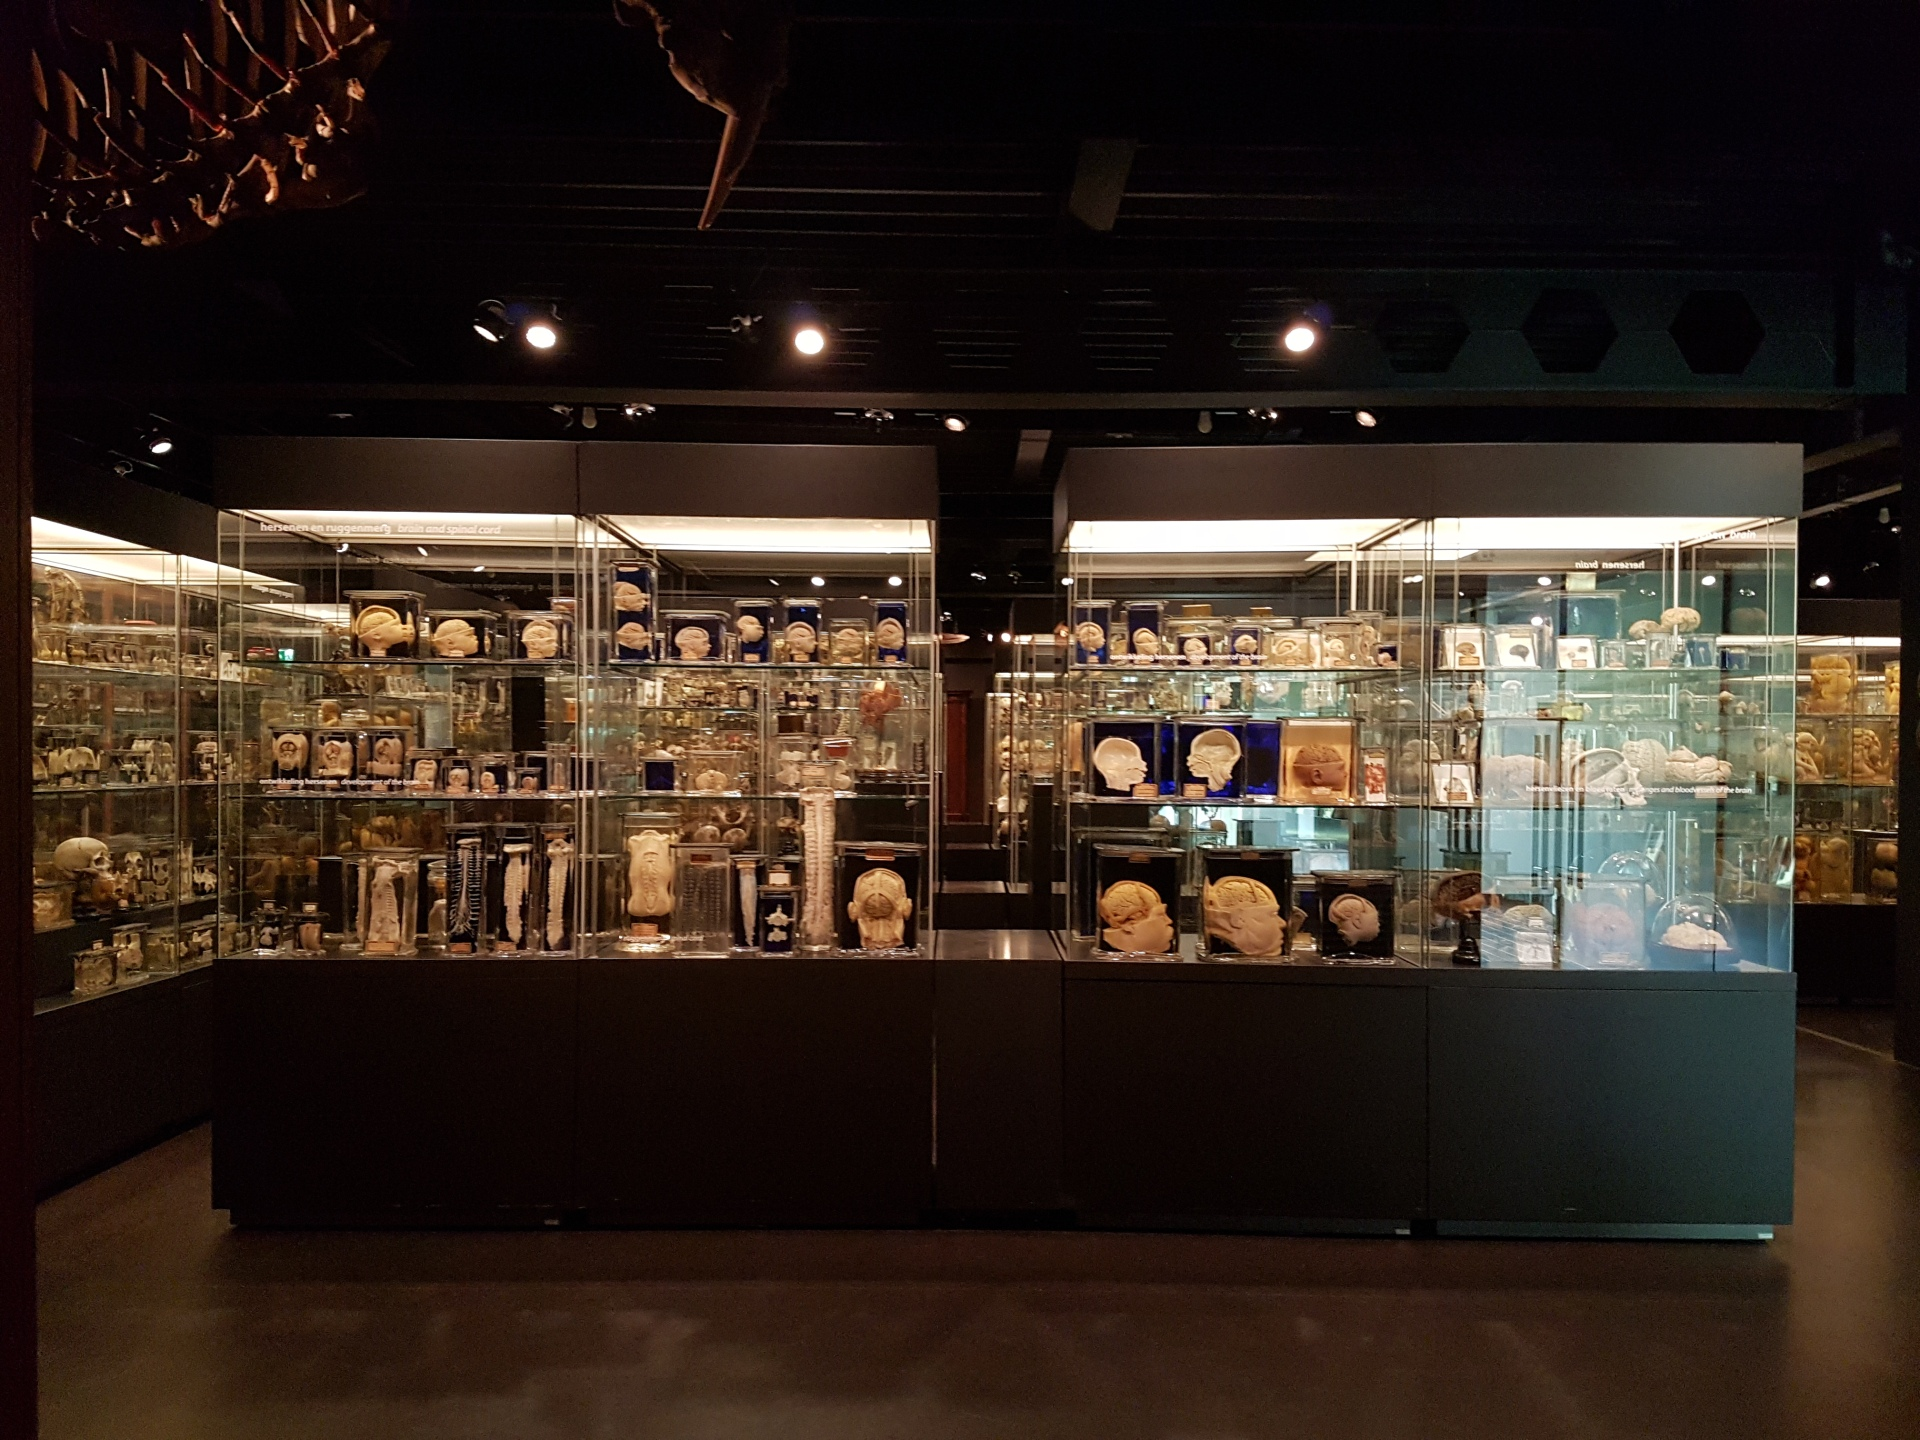 museum vrolik amsterdam pathology anatomy science unusual medical specimens